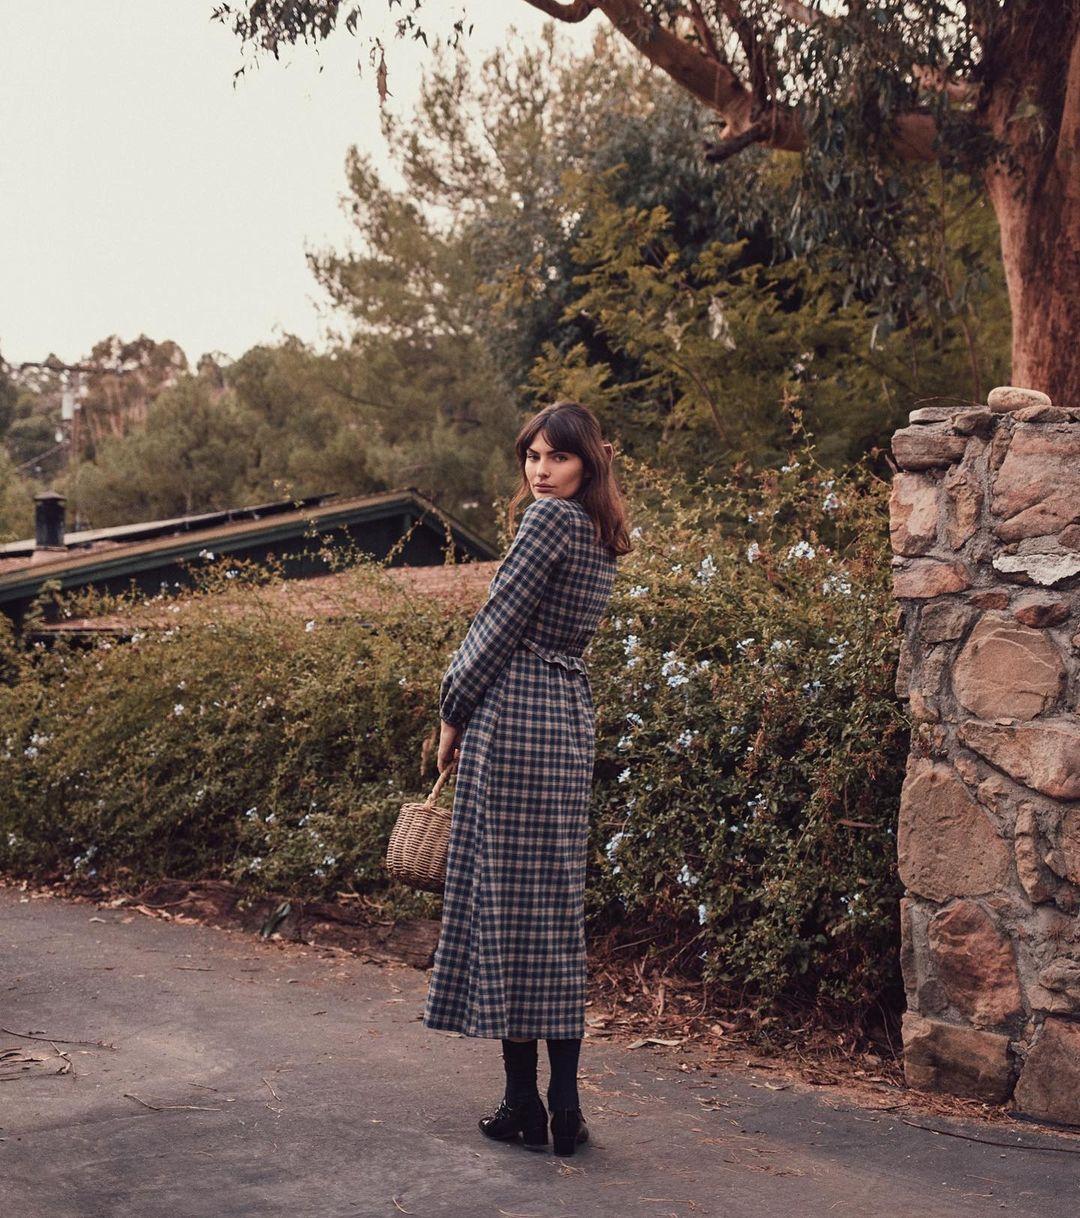 Alyssa-Miller-Wallpapers-Insta-Fit-Bio-2